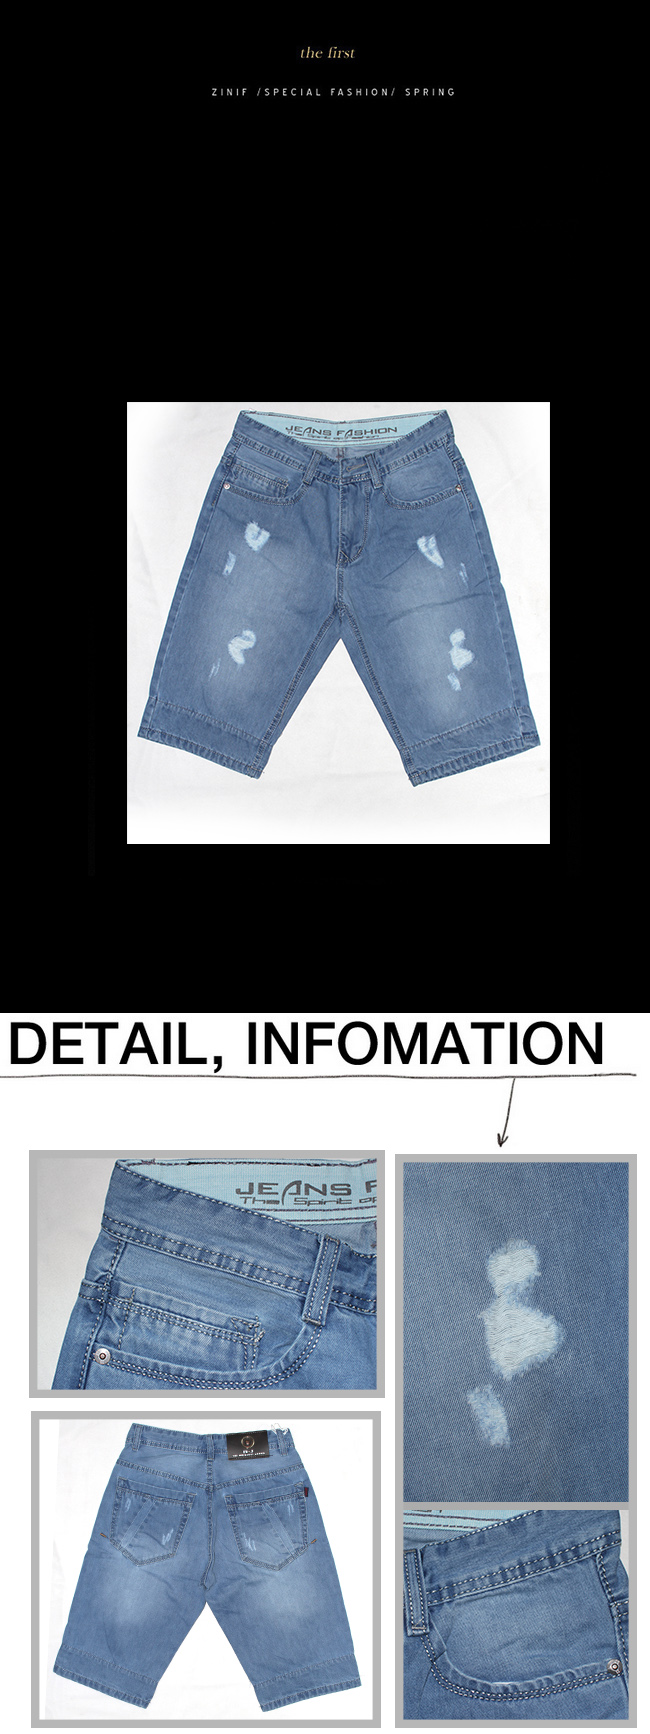 Quần short jeans xanh dương qj1118 - 1